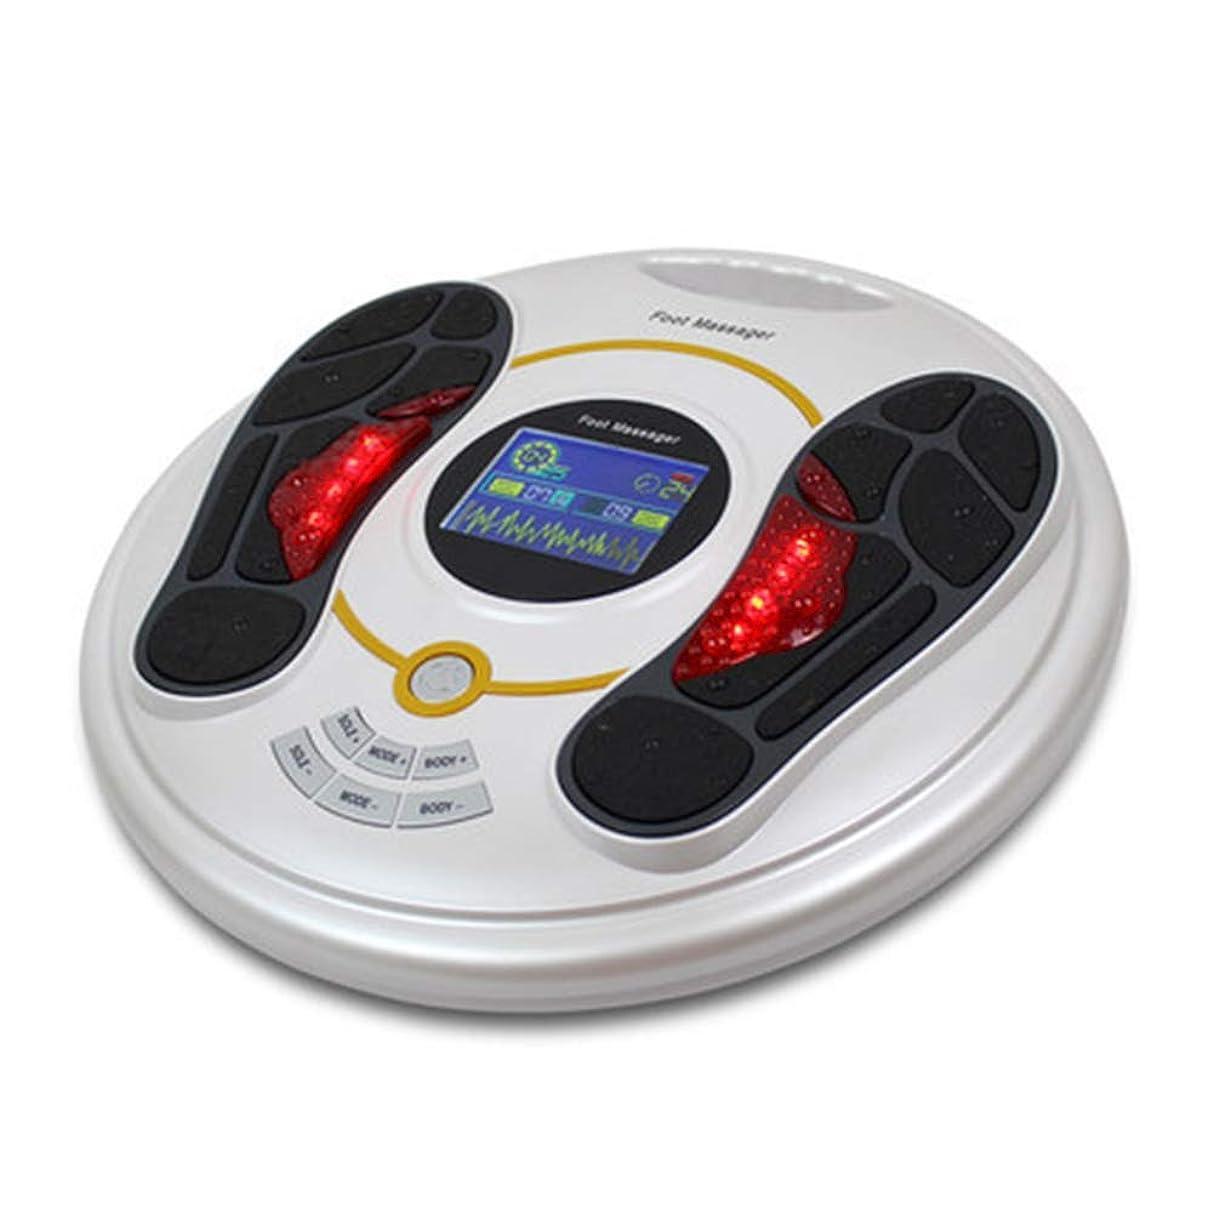 コントロール刈り取る栄光の血液循環を促進リモートコントロール電磁フットマッサージャー、指圧ボディマッサージャー循環マッサージャーブースト血液循環療法の痛みを和らげます。インテリジェント、白